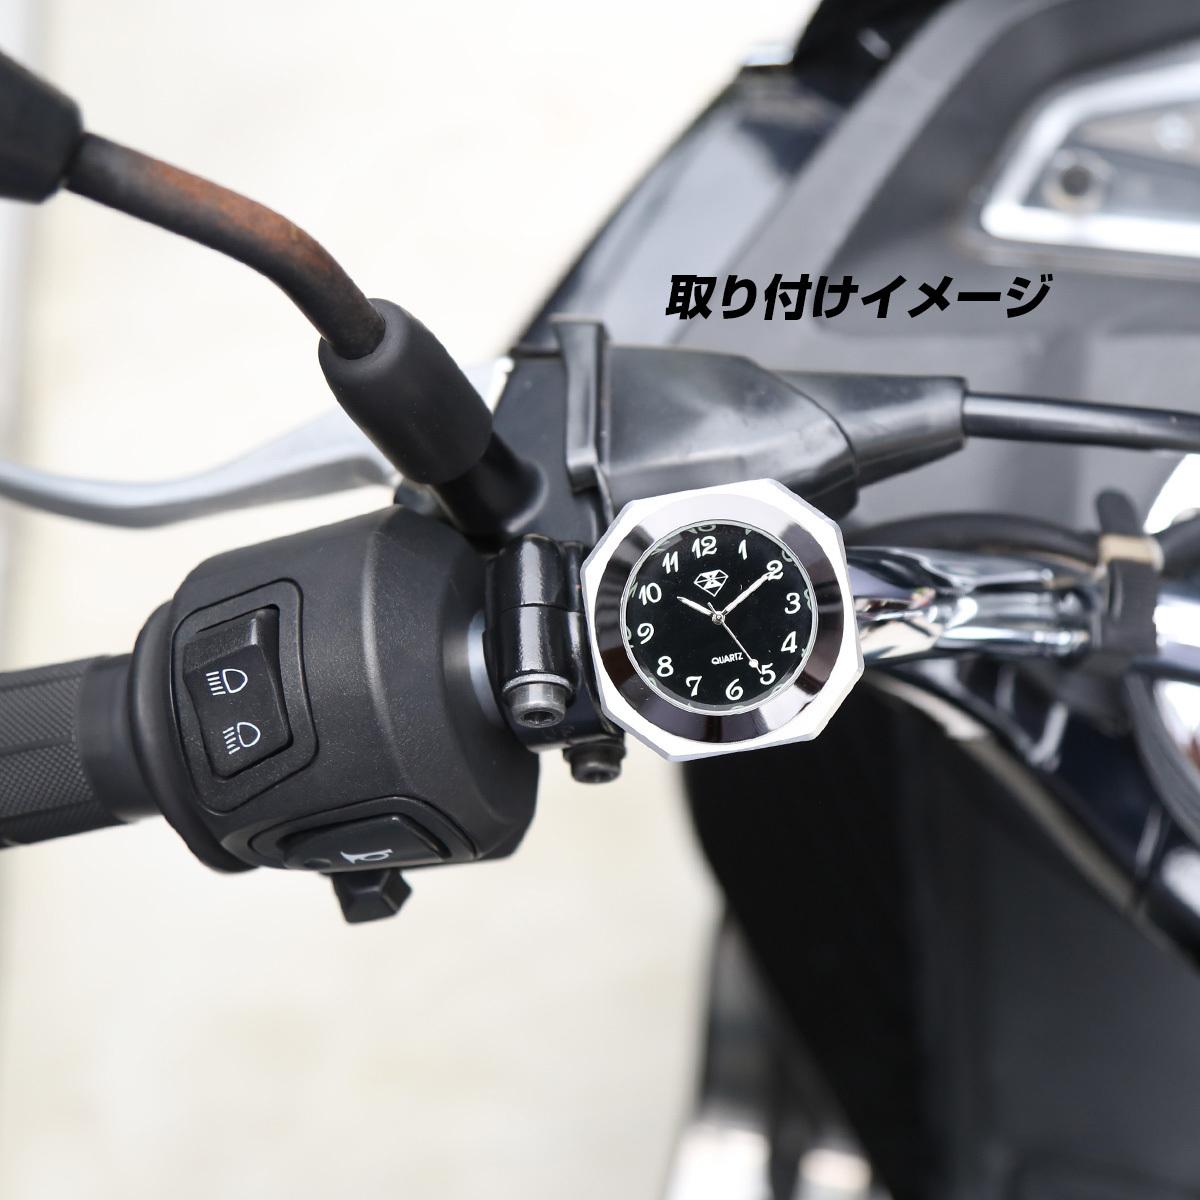 バイク用 アナログ時計 ブラック 夜光 ハンドル取付 アルミCNC削り出し 自転車 バーマウント 生活防水 S-766BK_画像5